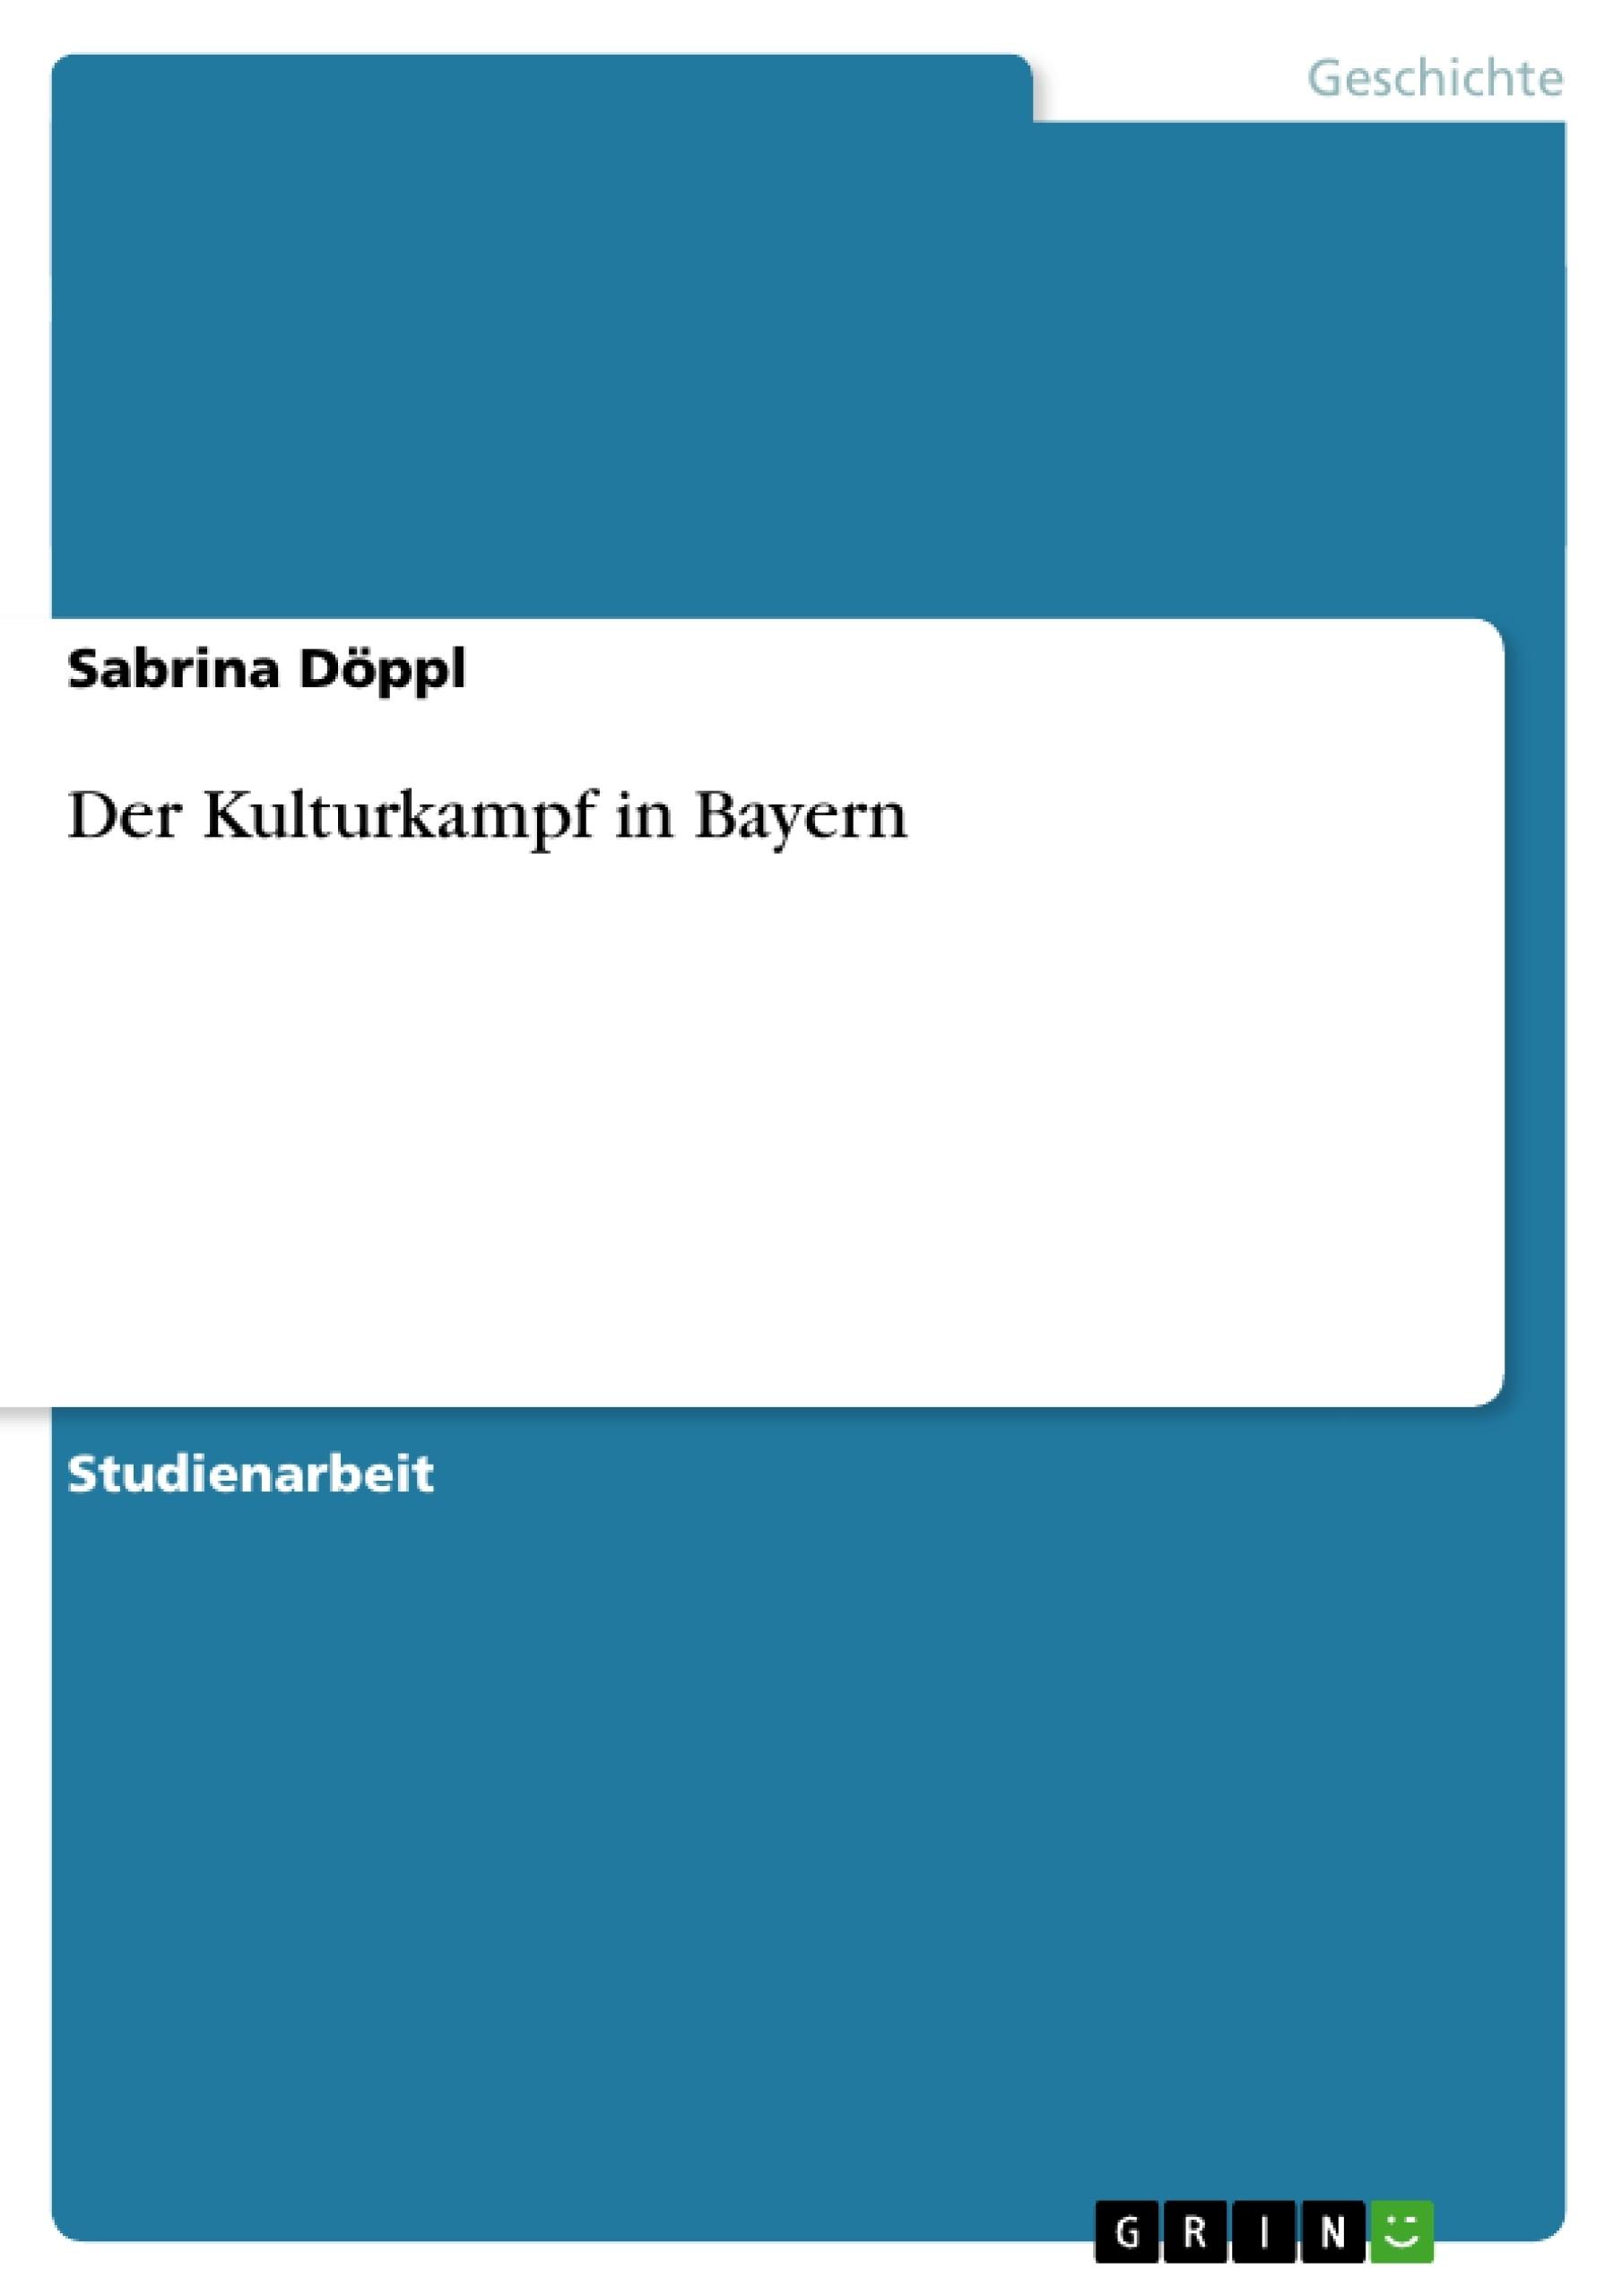 Titel: Der Kulturkampf in Bayern